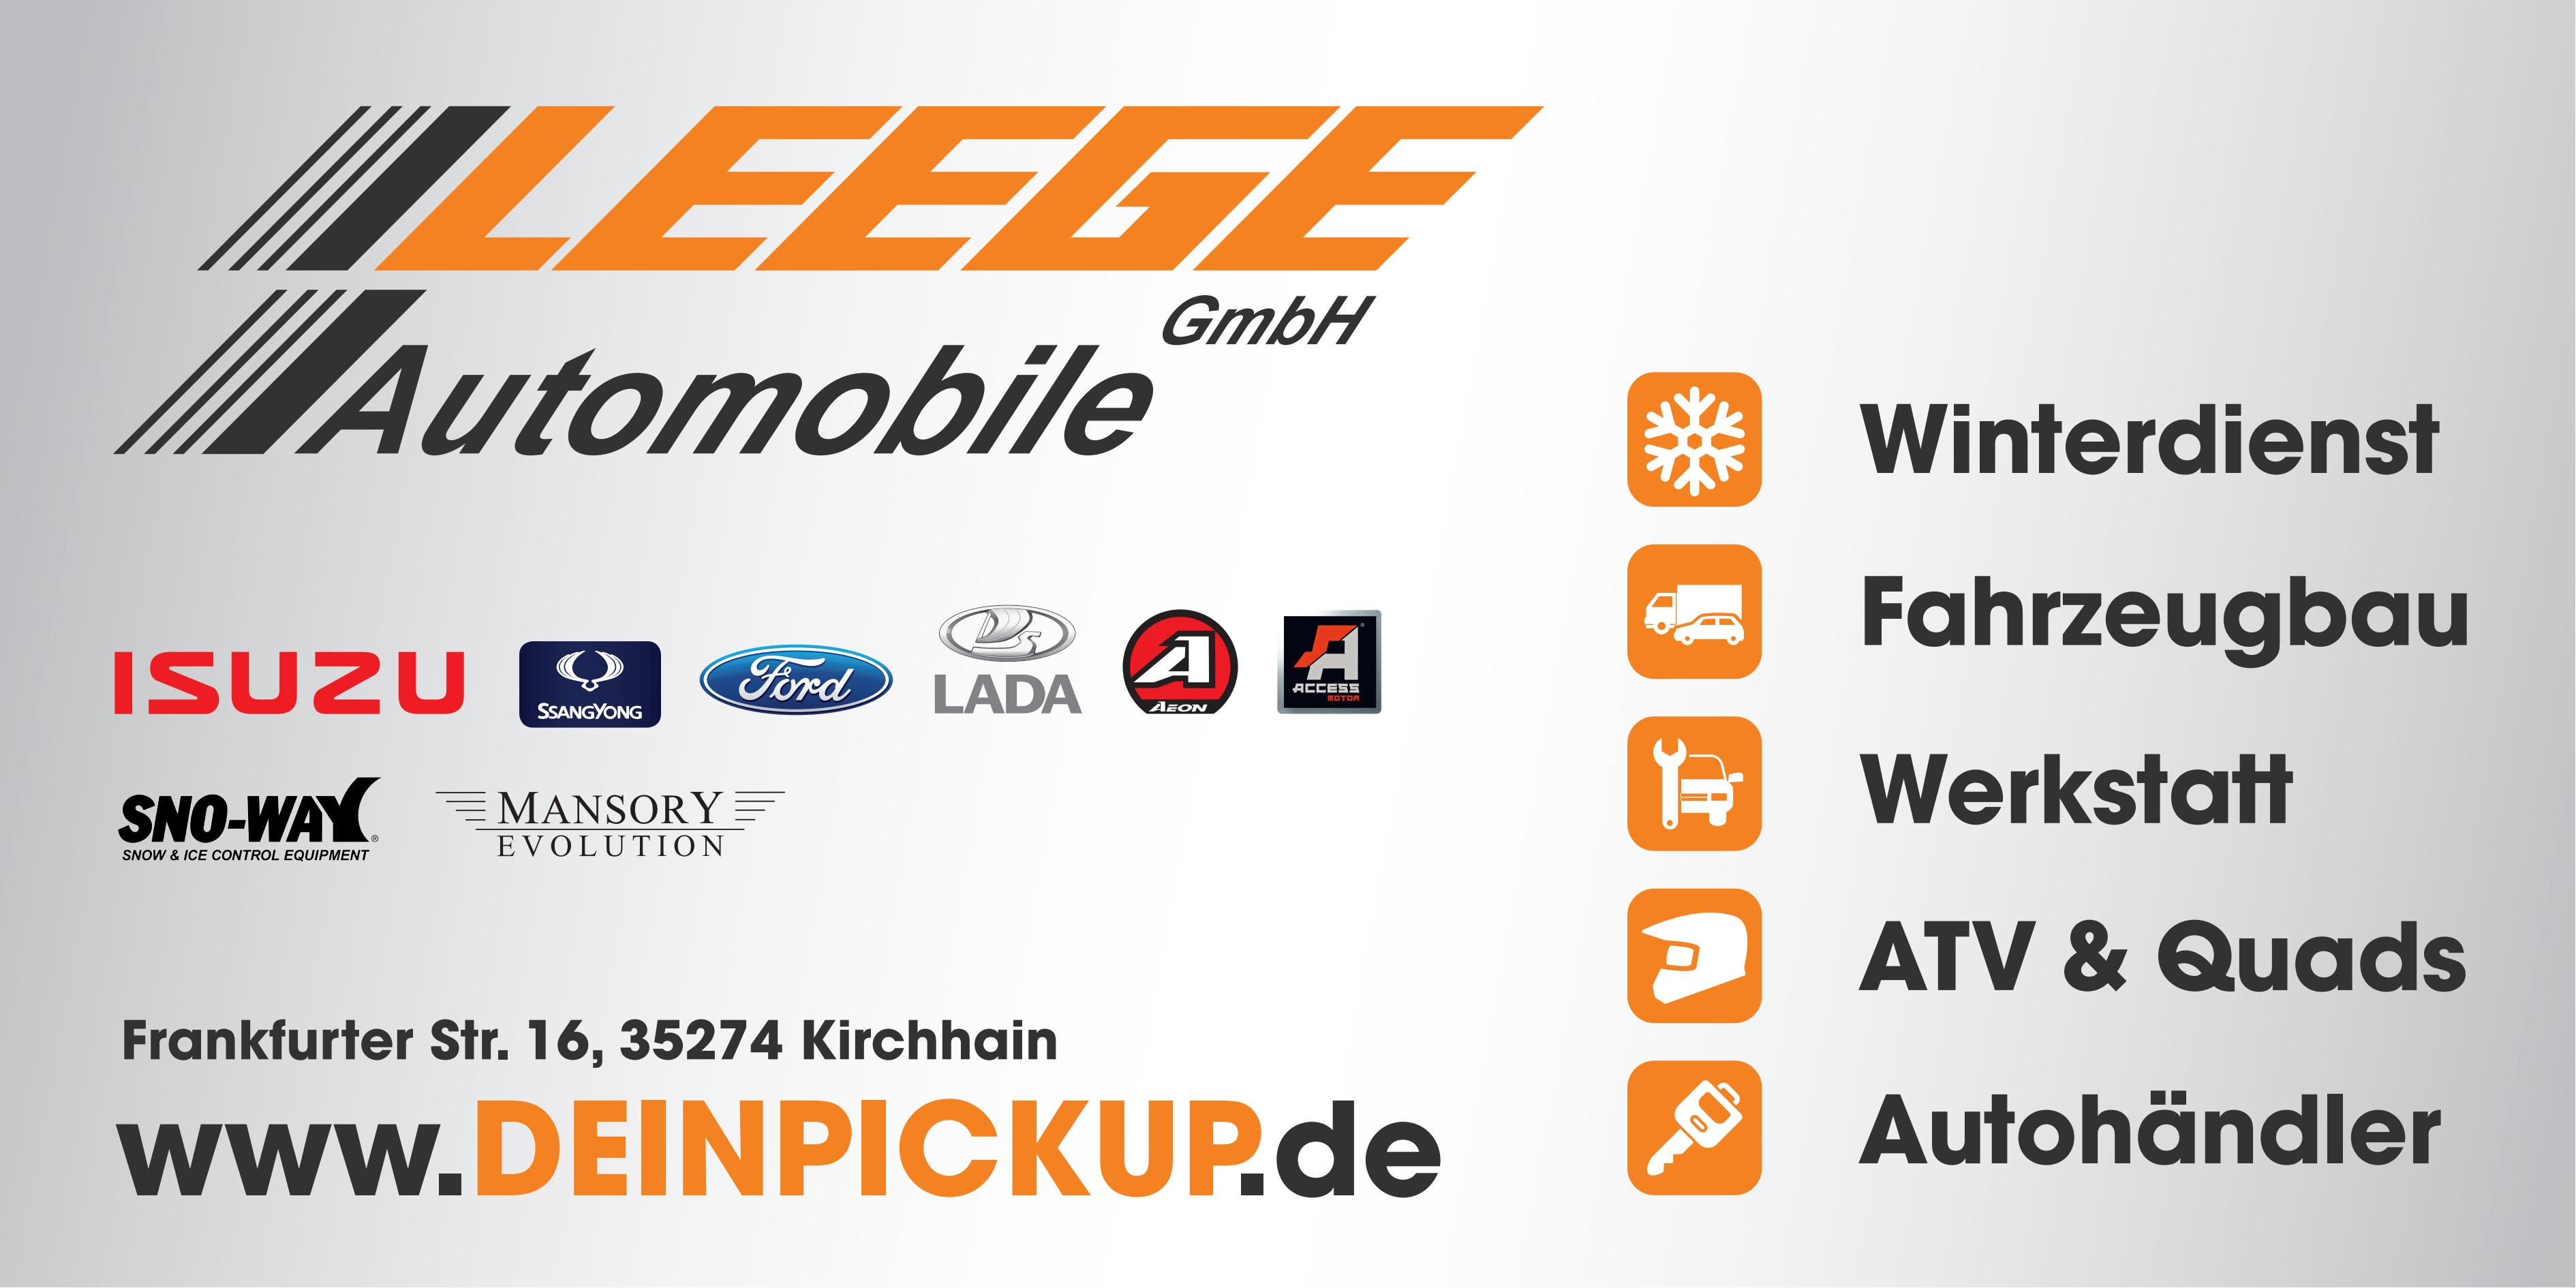 www.deinpickup.de